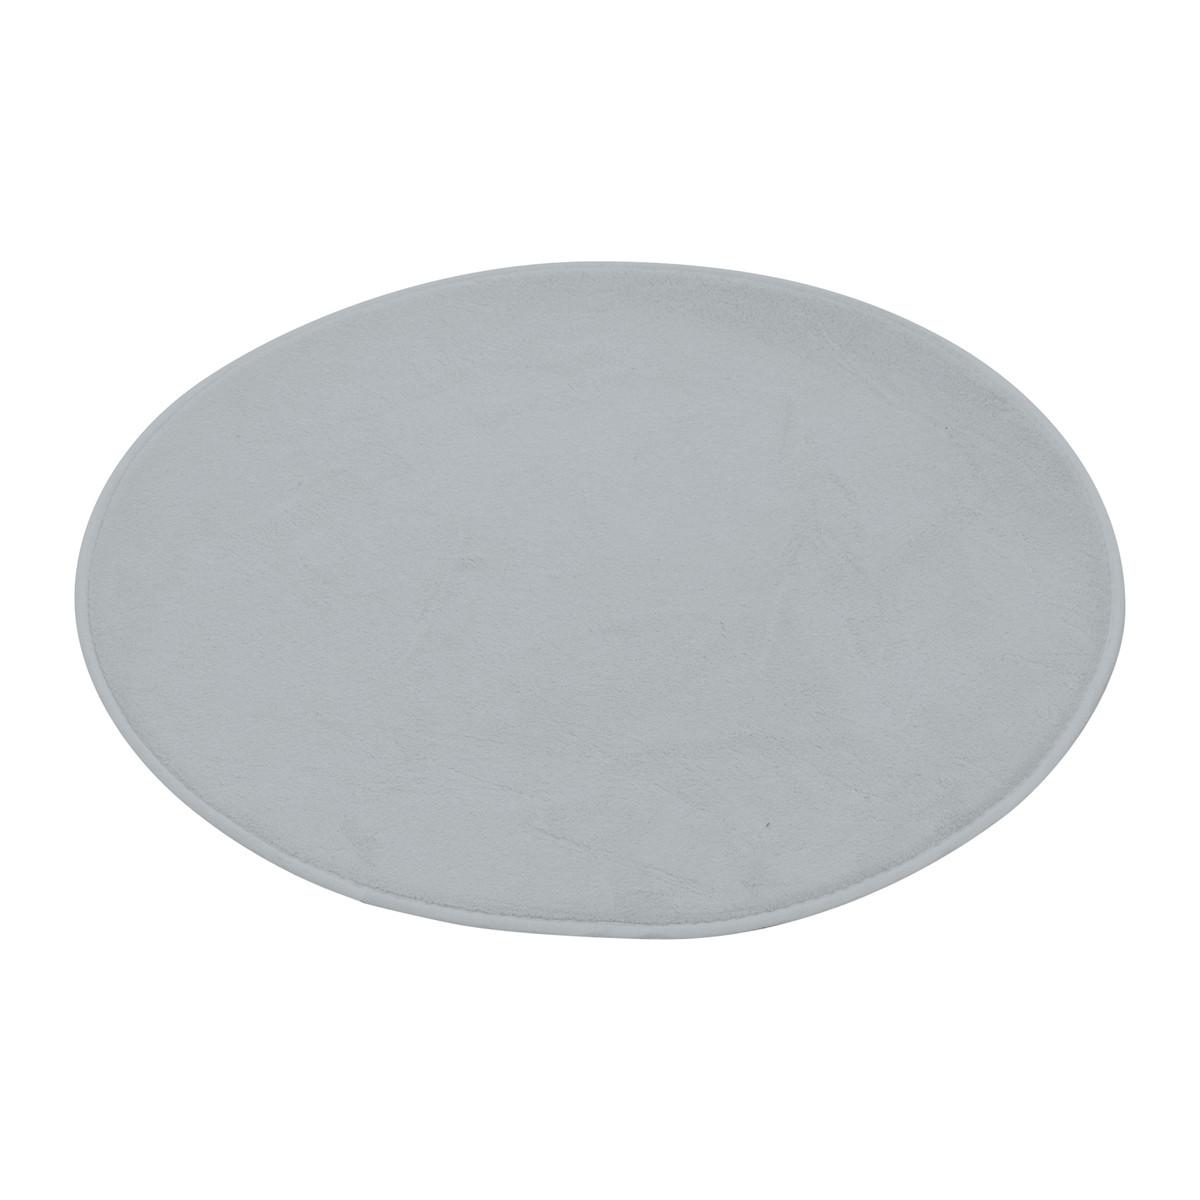 Πατάκι Μπάνιου (Φ60) L-C Round Gris 6GMB270GC